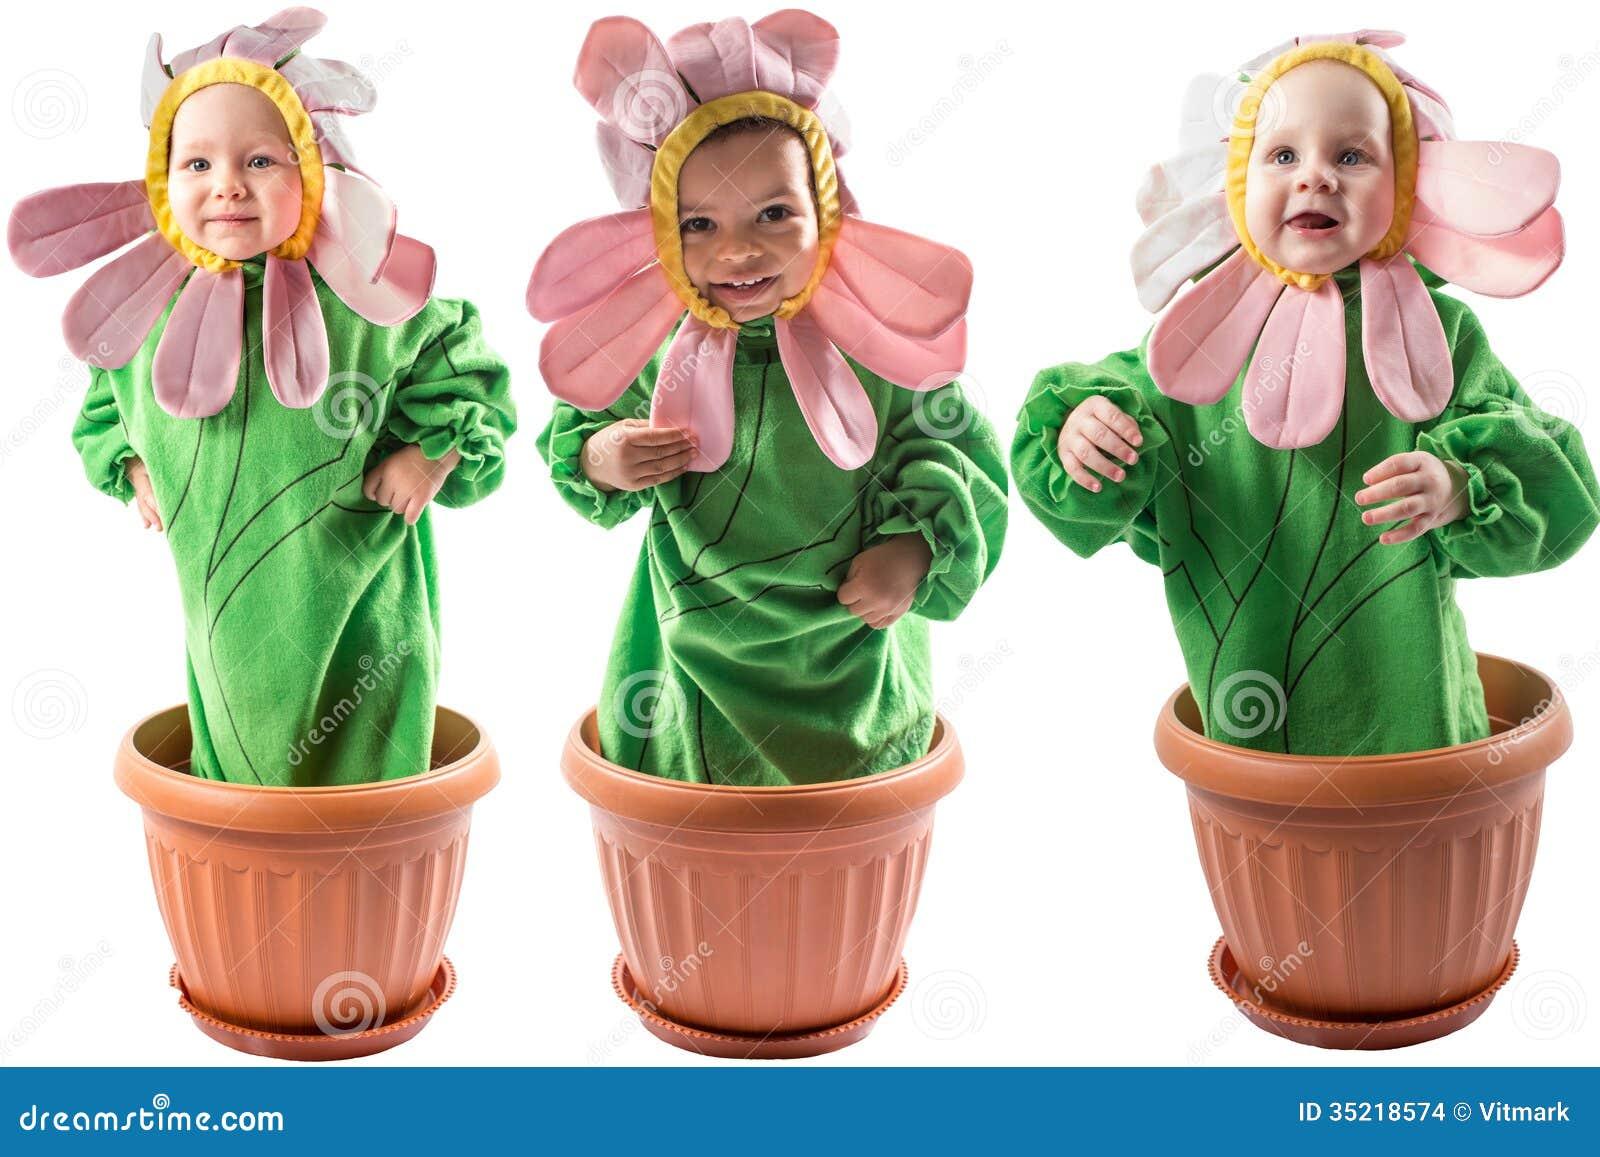 Фото дети в костюме цветов